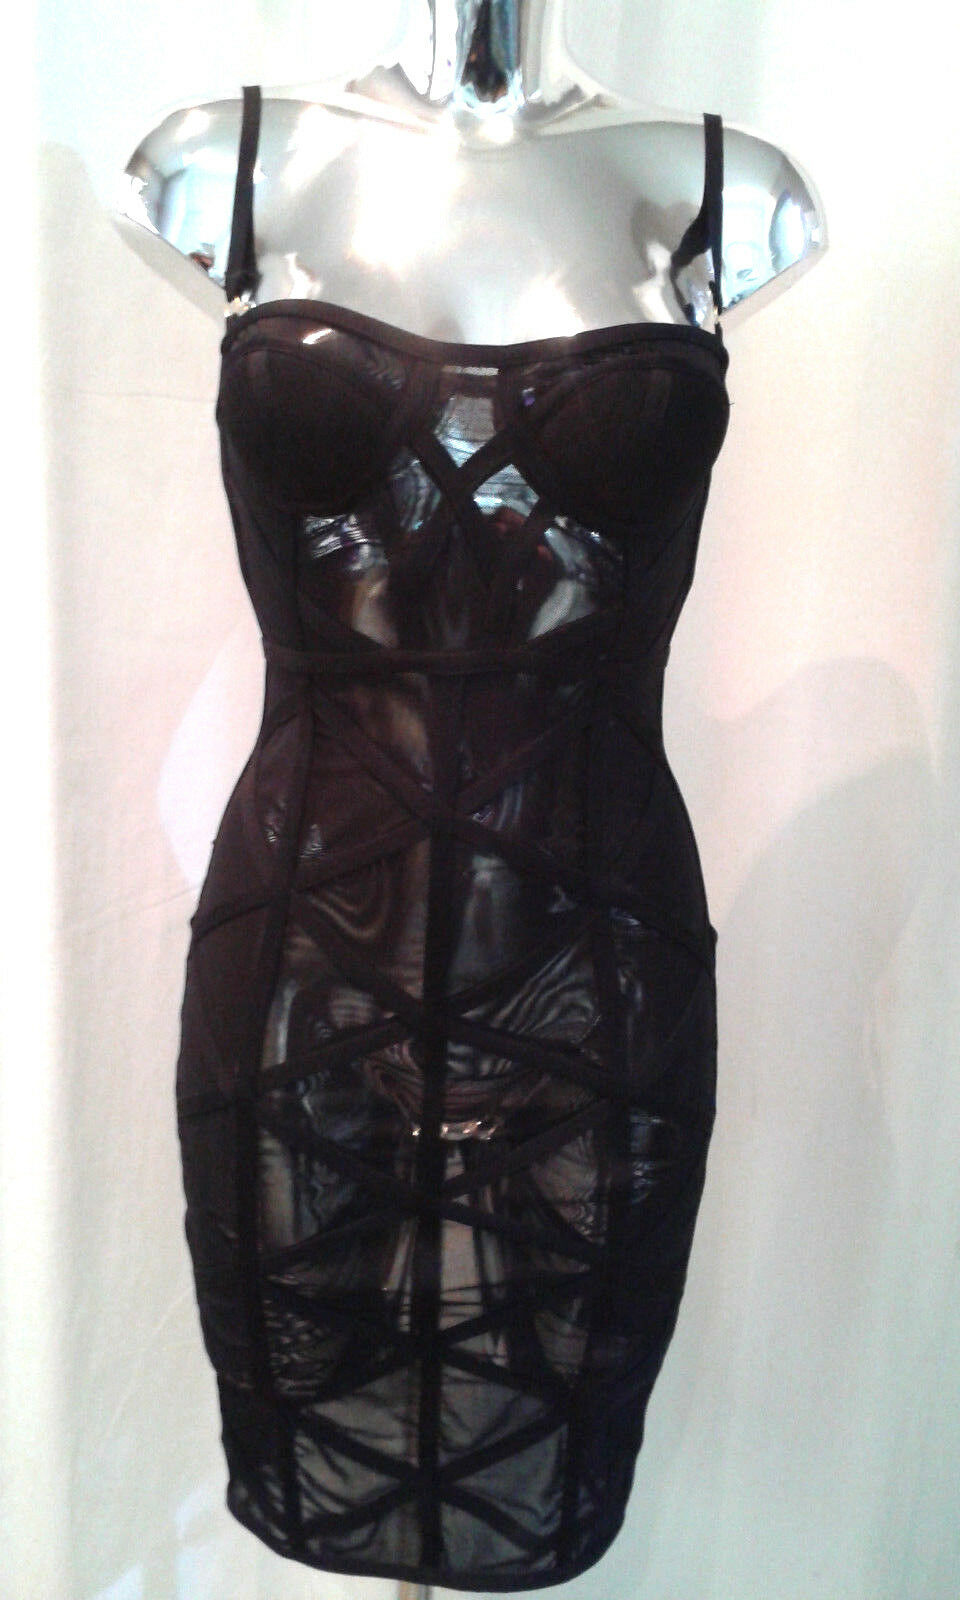 Transparent - Kleid mit Reißverschluss Gr.S  Exclusiv Fashion Pirate